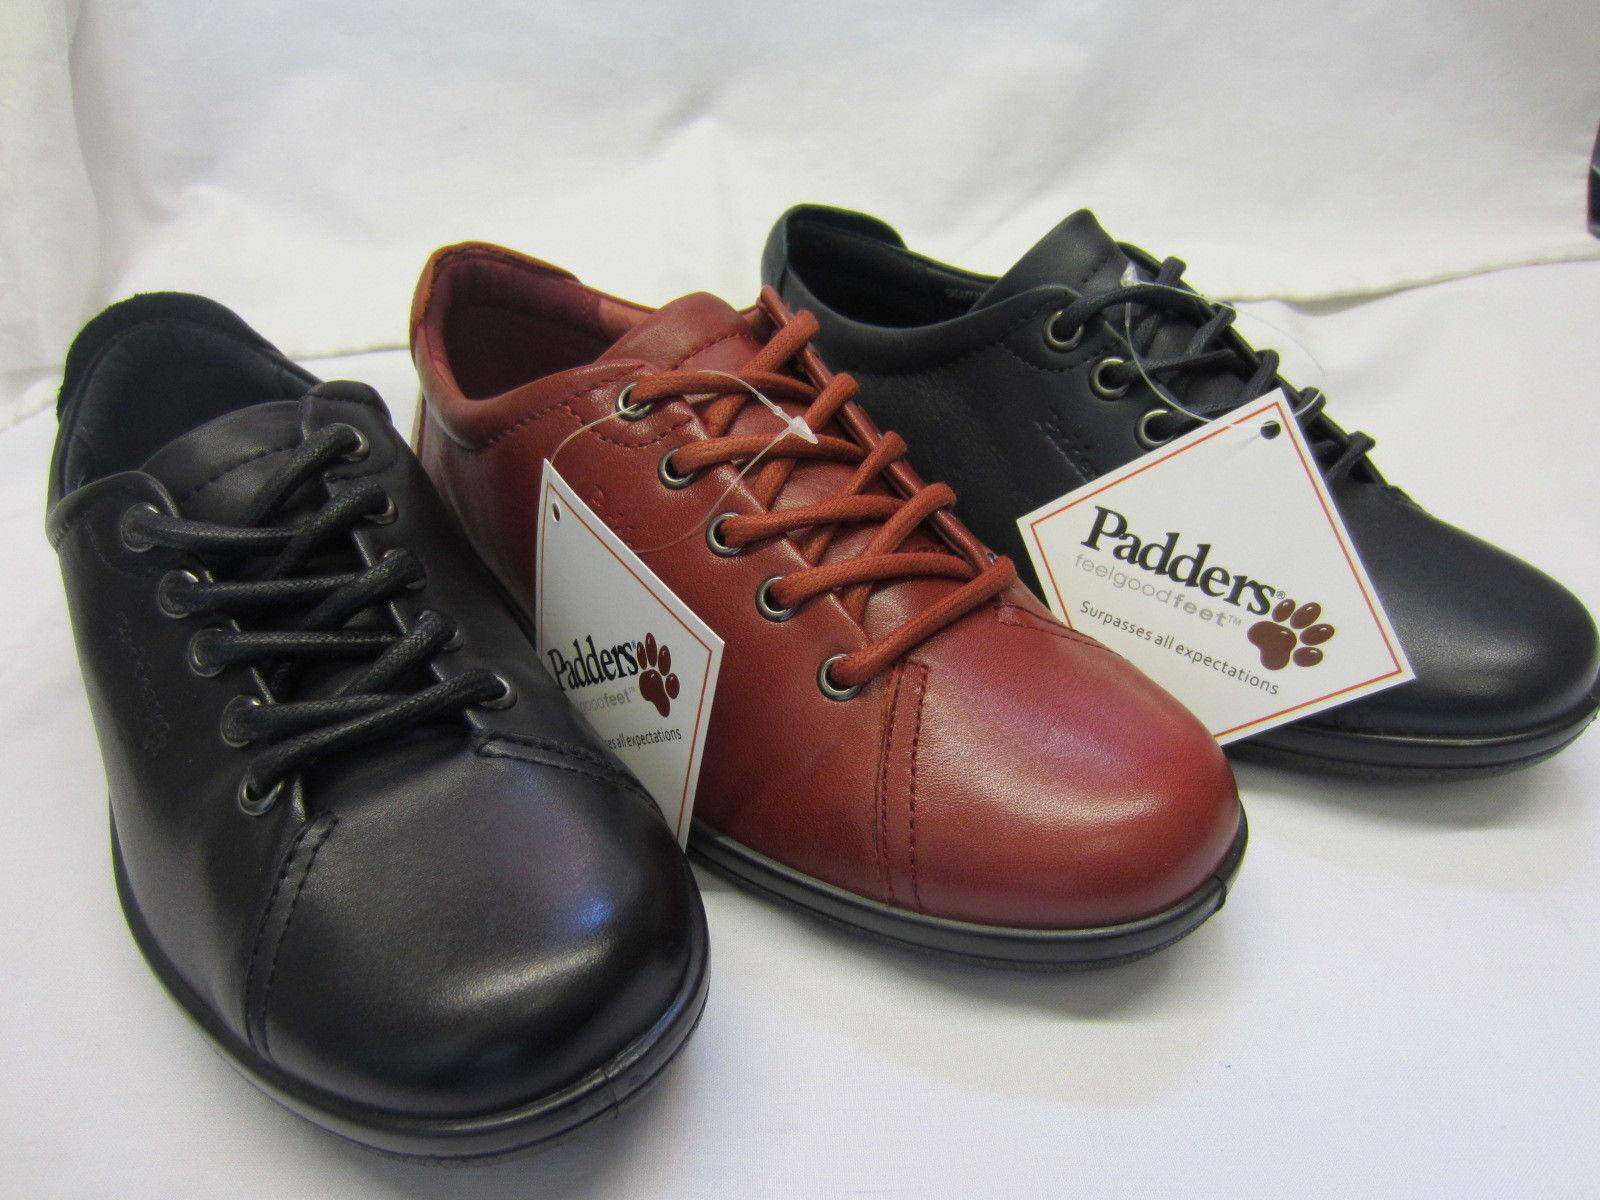 Padders negro Ajuste Ancho Ancho Ancho Para Mujer   Vino Zapatos Con Cordones 235 10 Galaxy  Precio por piso